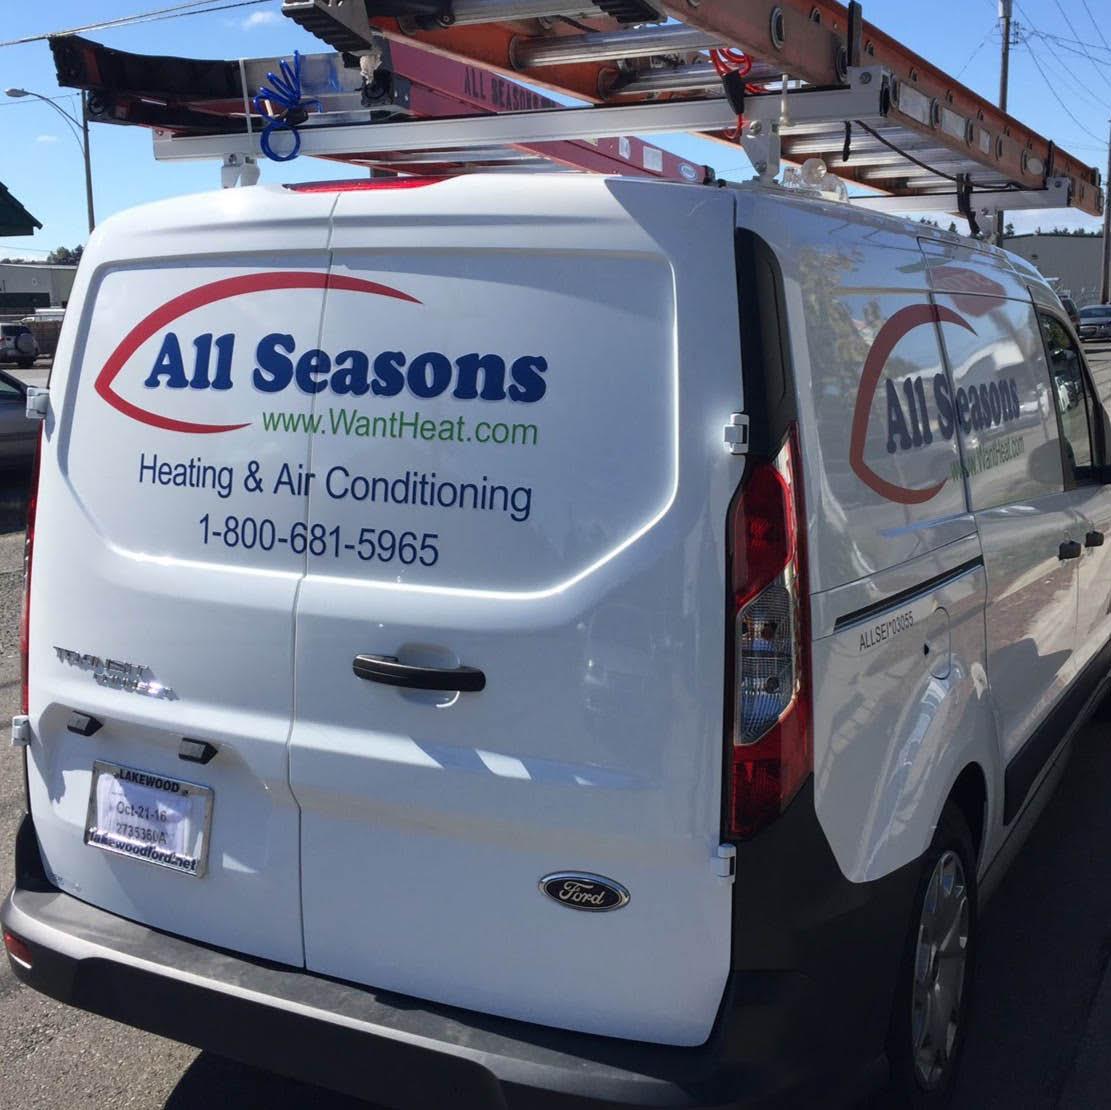 All Seasons Inc truck - Tacoma heating & air conditioning - Tacoma, WA